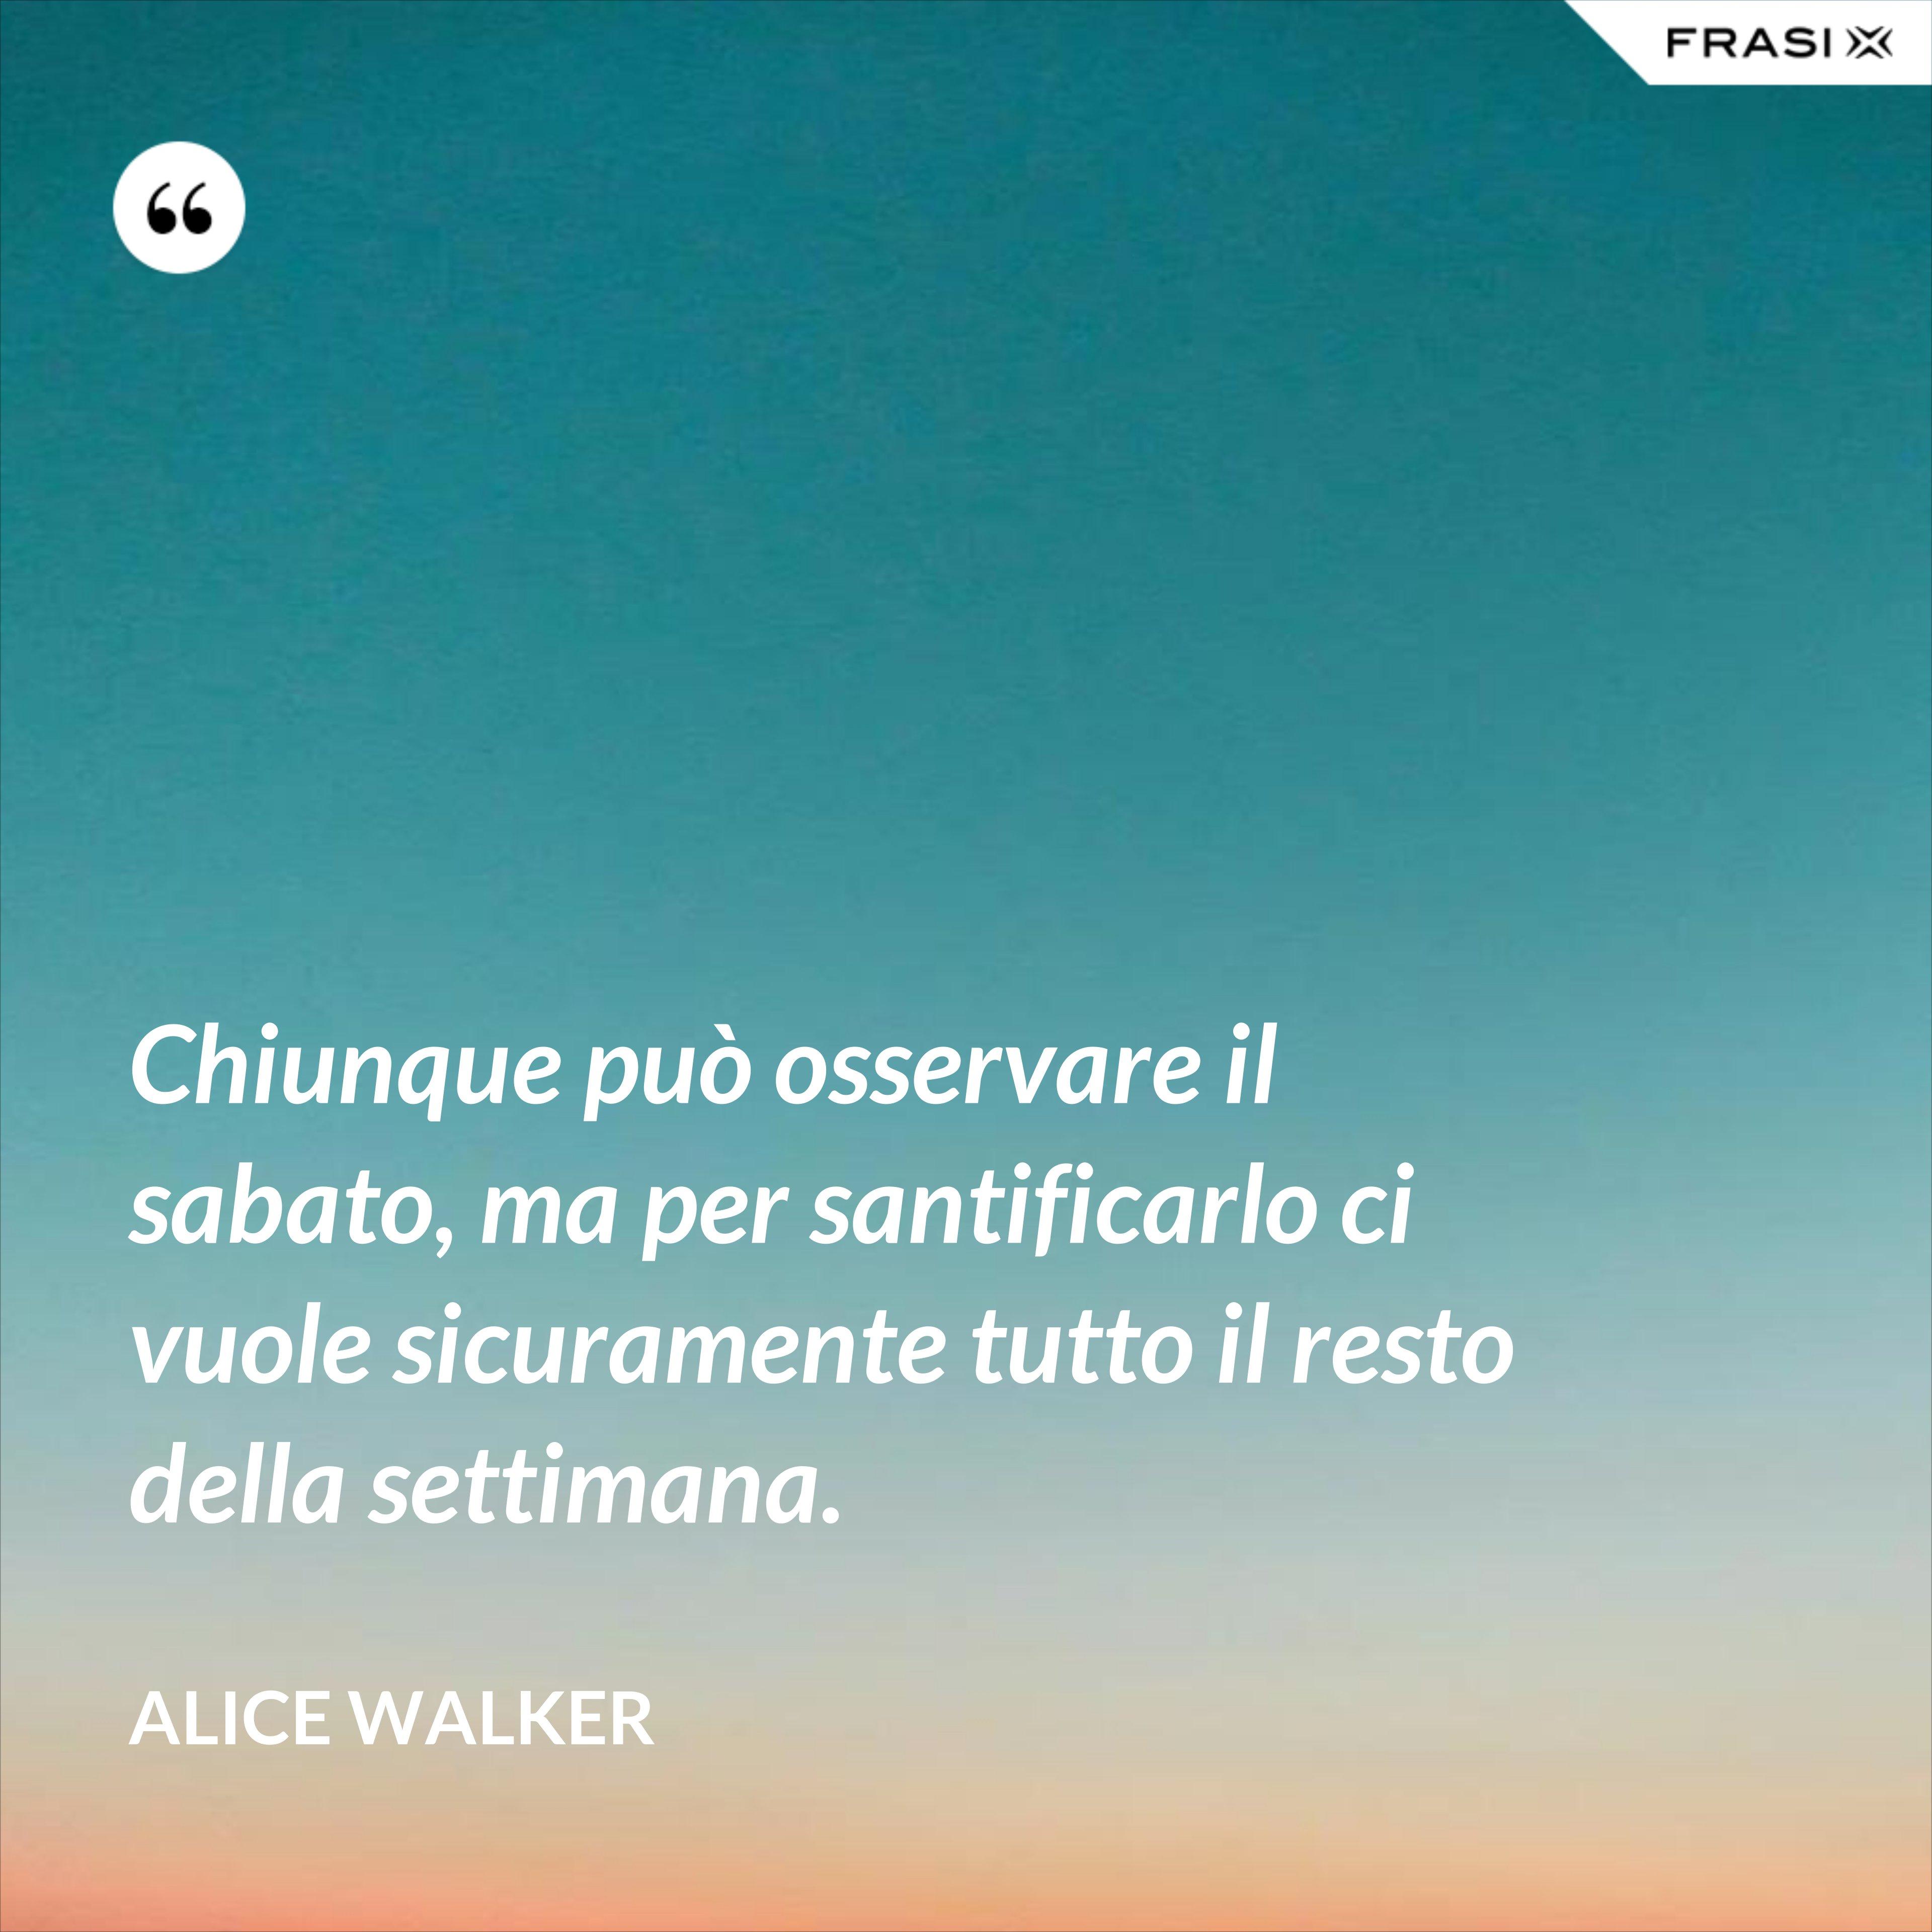 Chiunque può osservare il sabato, ma per santificarlo ci vuole sicuramente tutto il resto della settimana. - Alice Walker